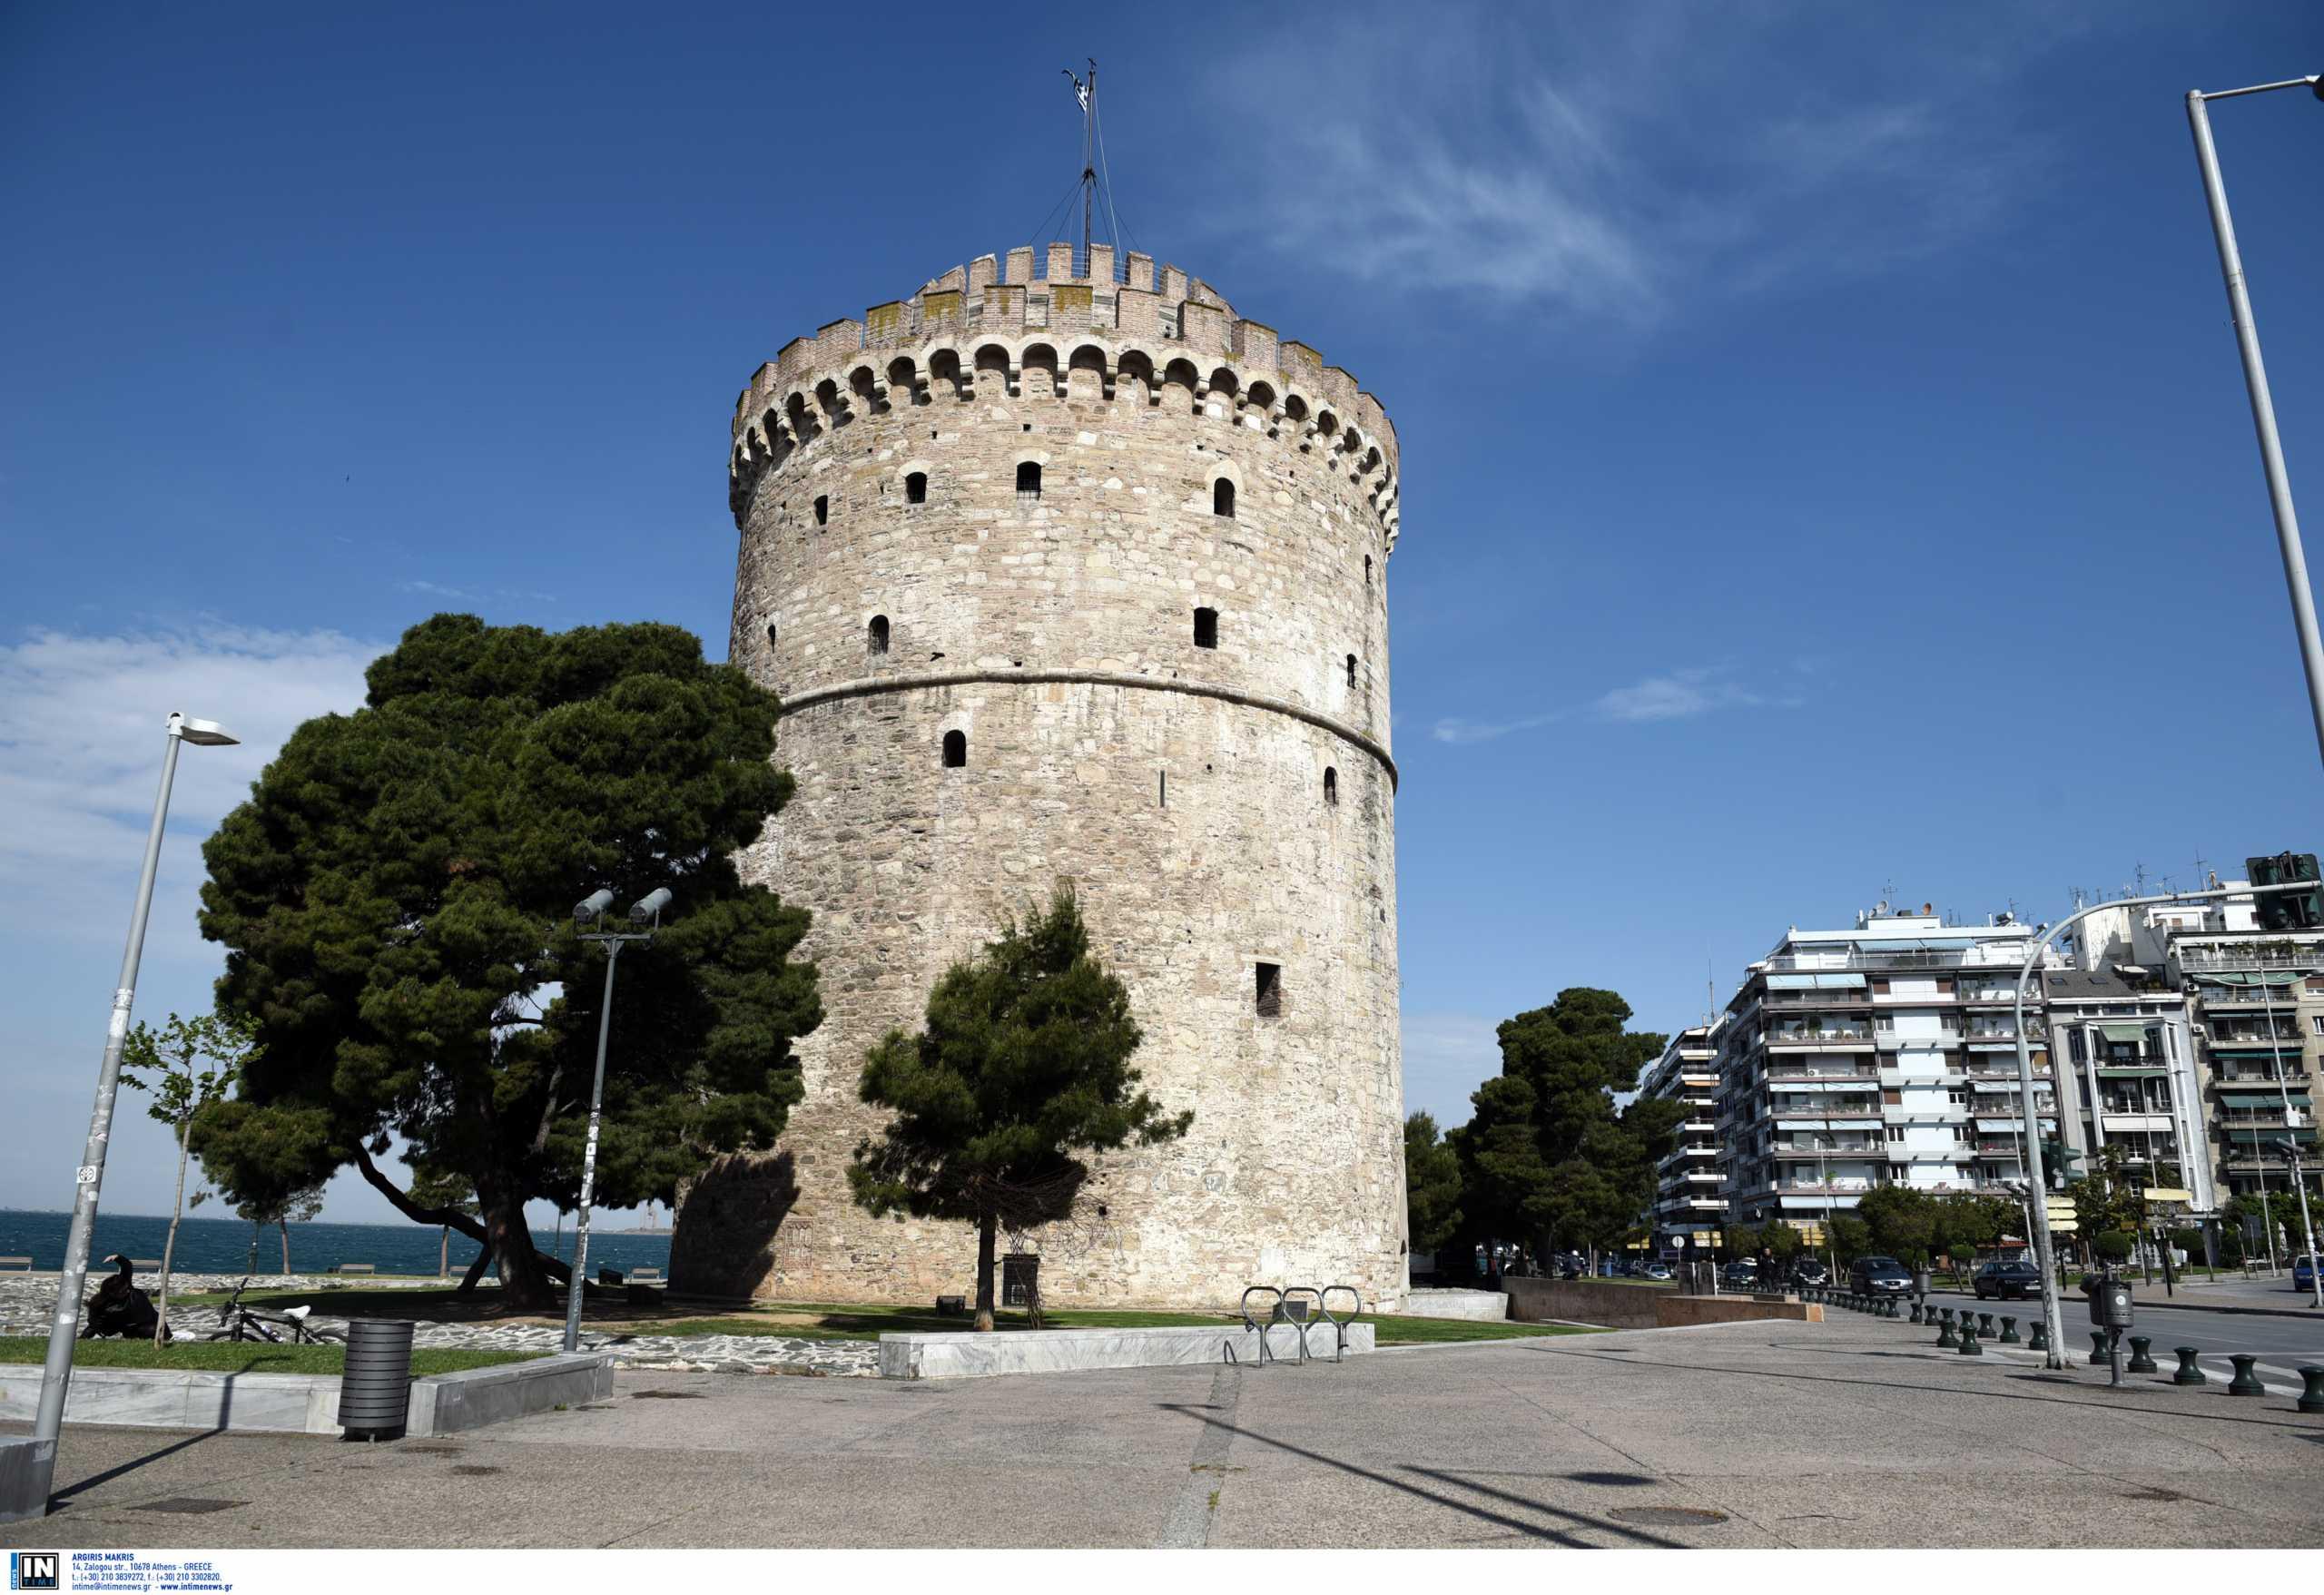 Θεσσαλονίκη: Διχογνωμία για τη λήψη μέτρων στους εορτασμούς του Αγίου Δημητρίου – Τι λένε οι επιστήμονες